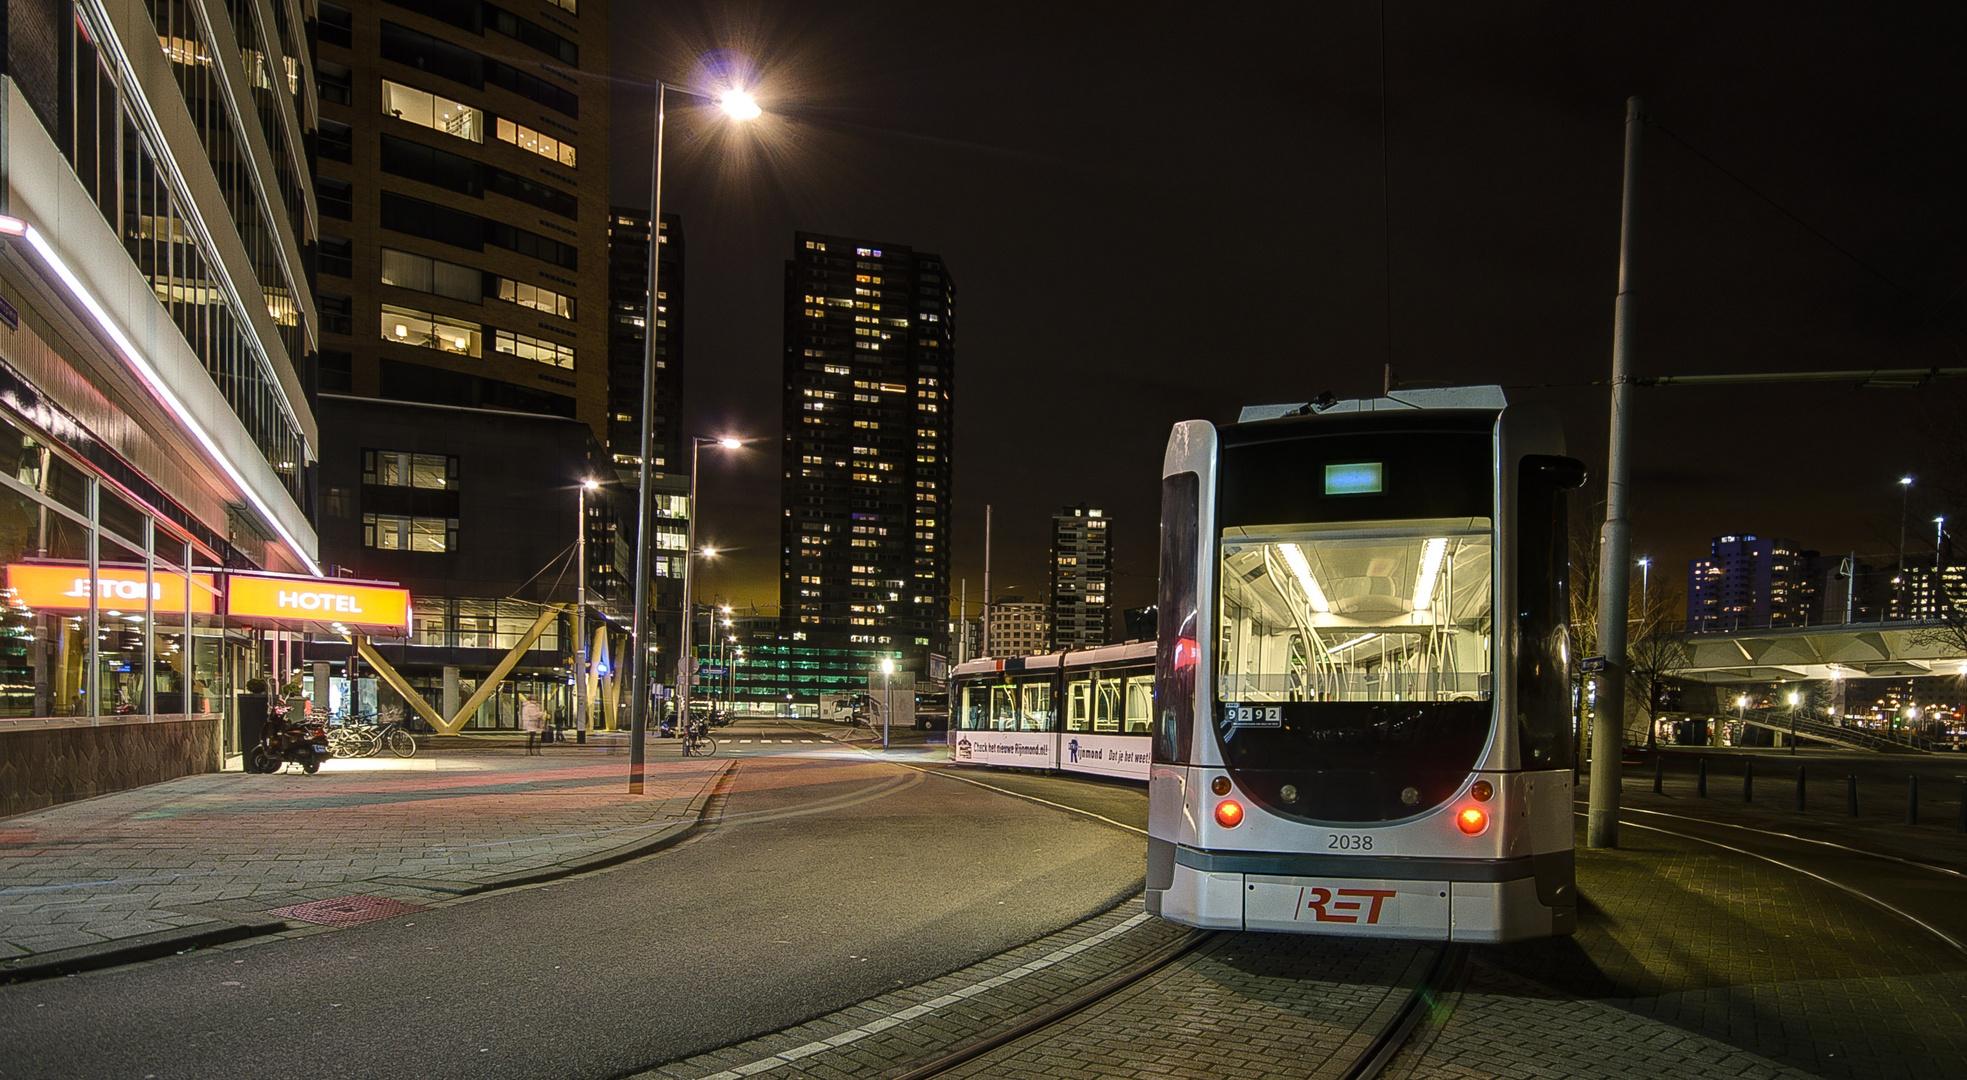 Rotterdam - Willemsplein - Terminus of Tram Number 7